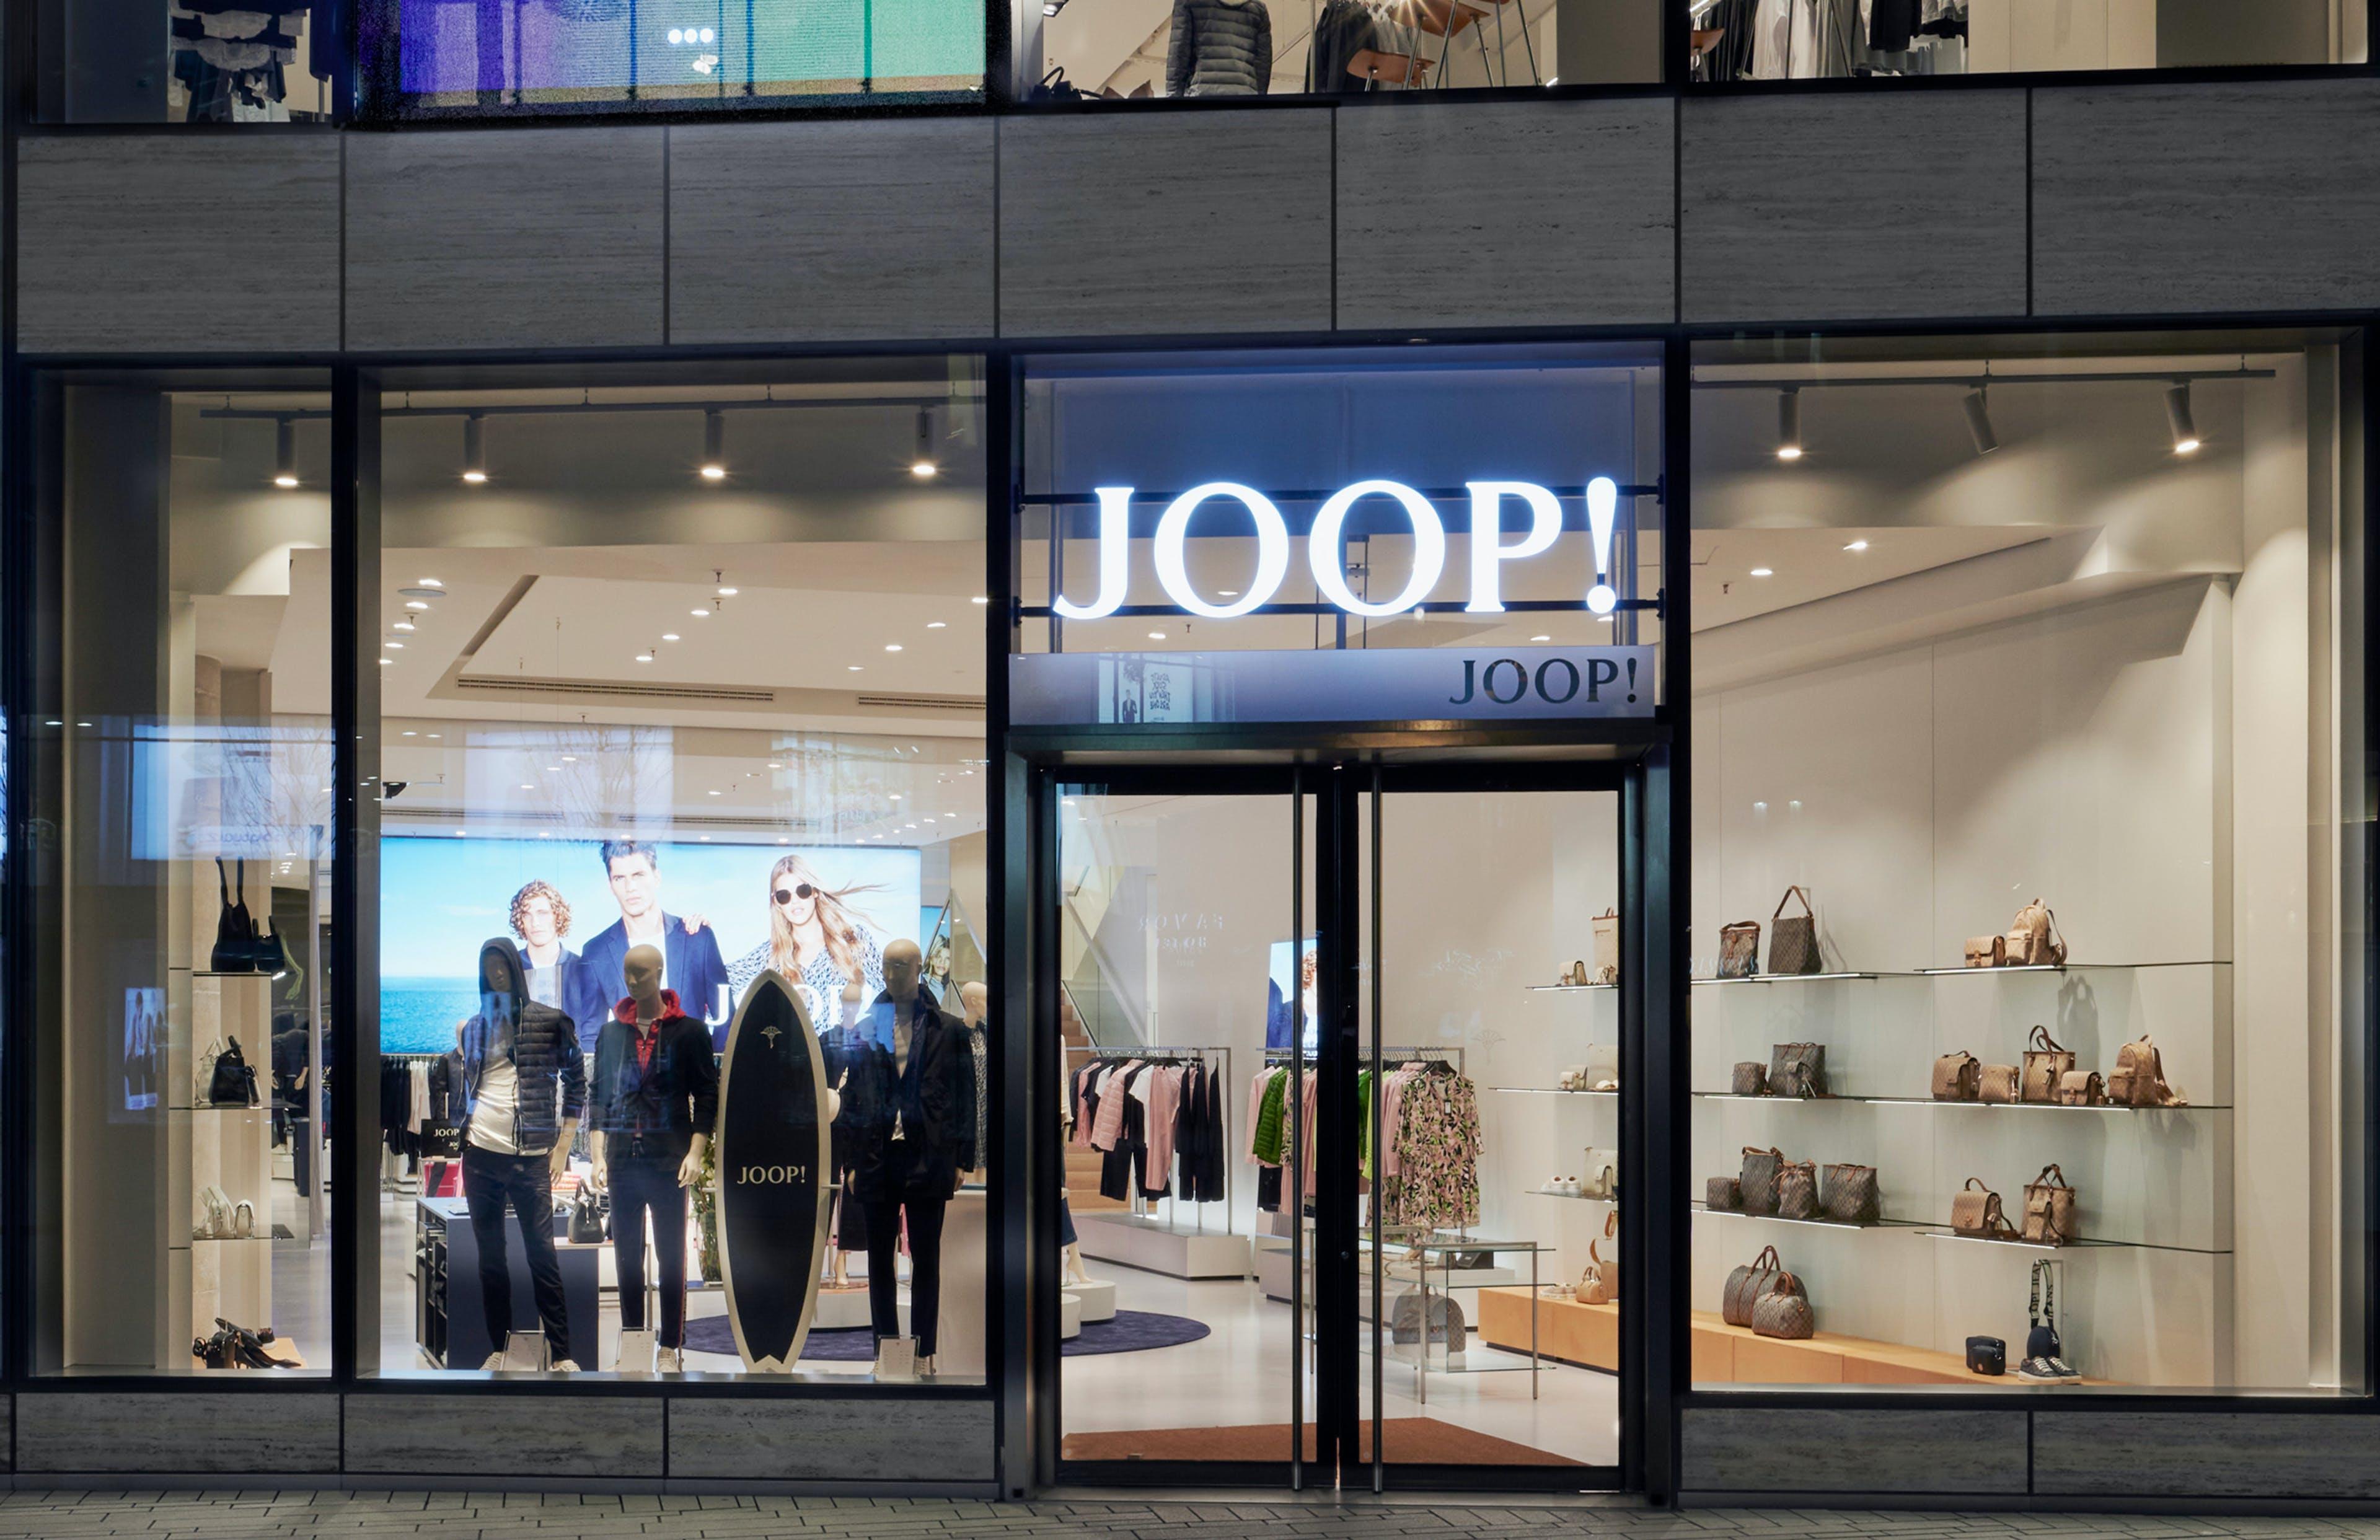 3D JOOP! Store Düsseldorf